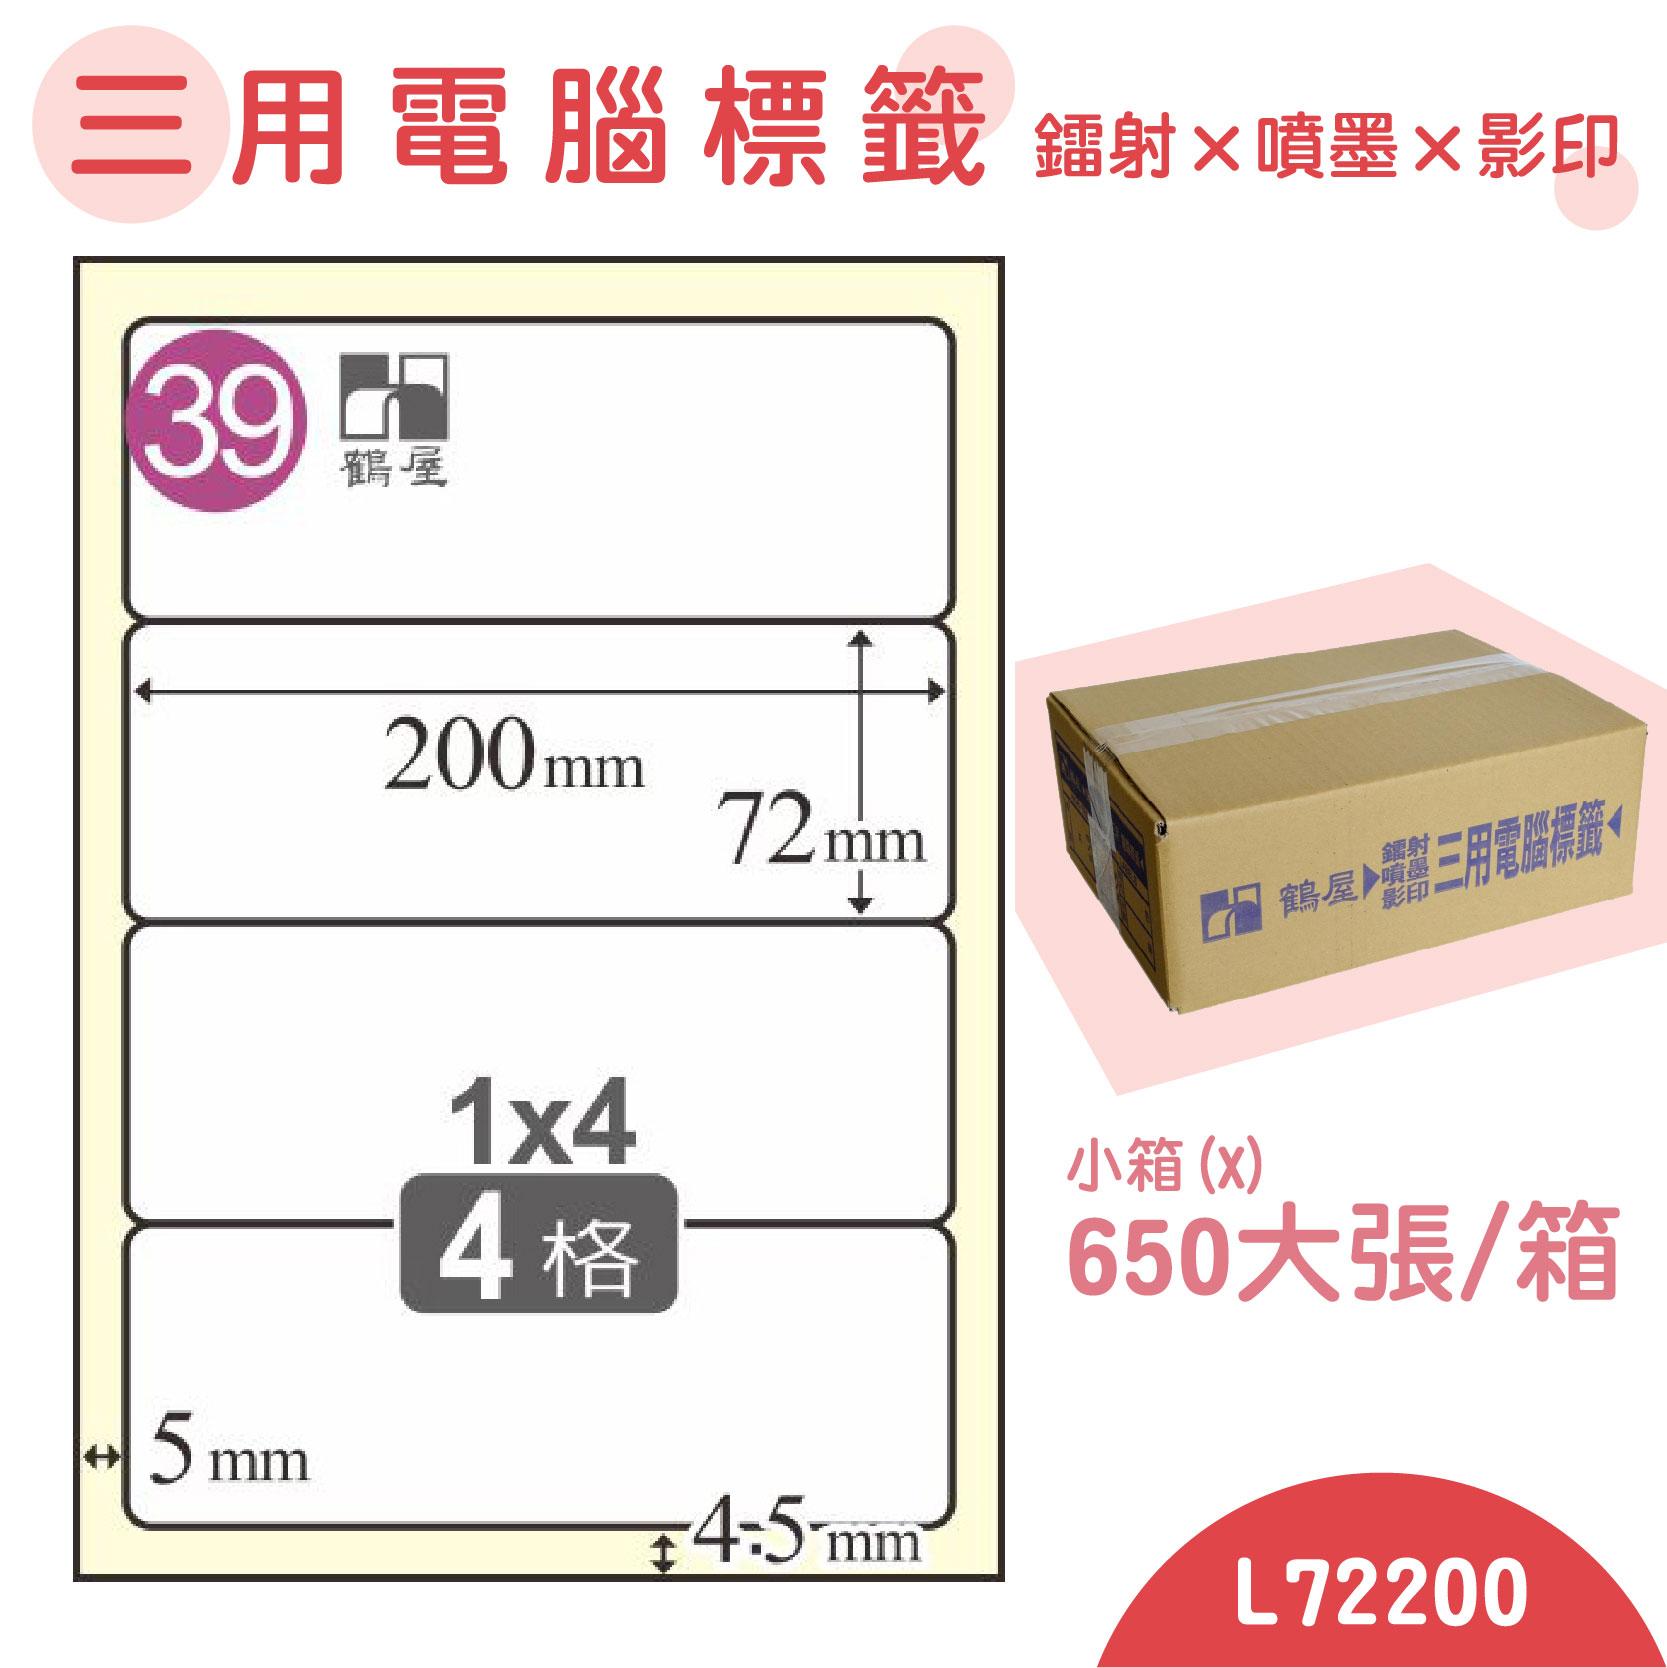 電腦標籤紙(鶴屋) 白色 L72200 4格 650大張/小箱 影印 雷射 噴墨 三用 標籤 貼紙 信封 光碟 名條